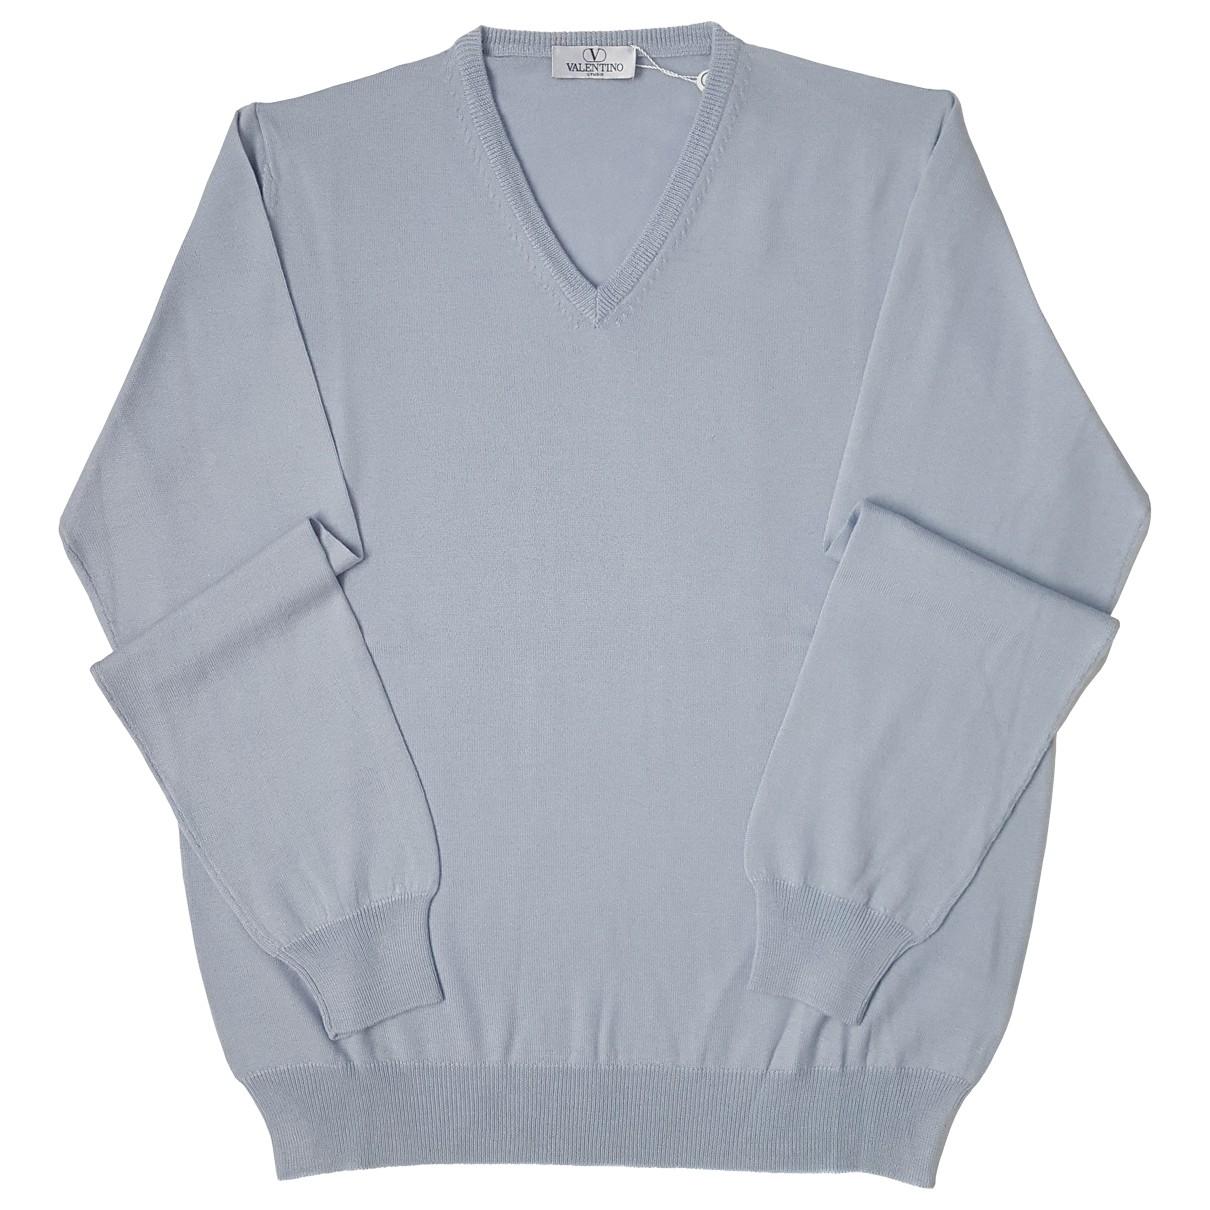 Valentino Garavani - Pulls.Gilets.Sweats   pour homme en laine - gris